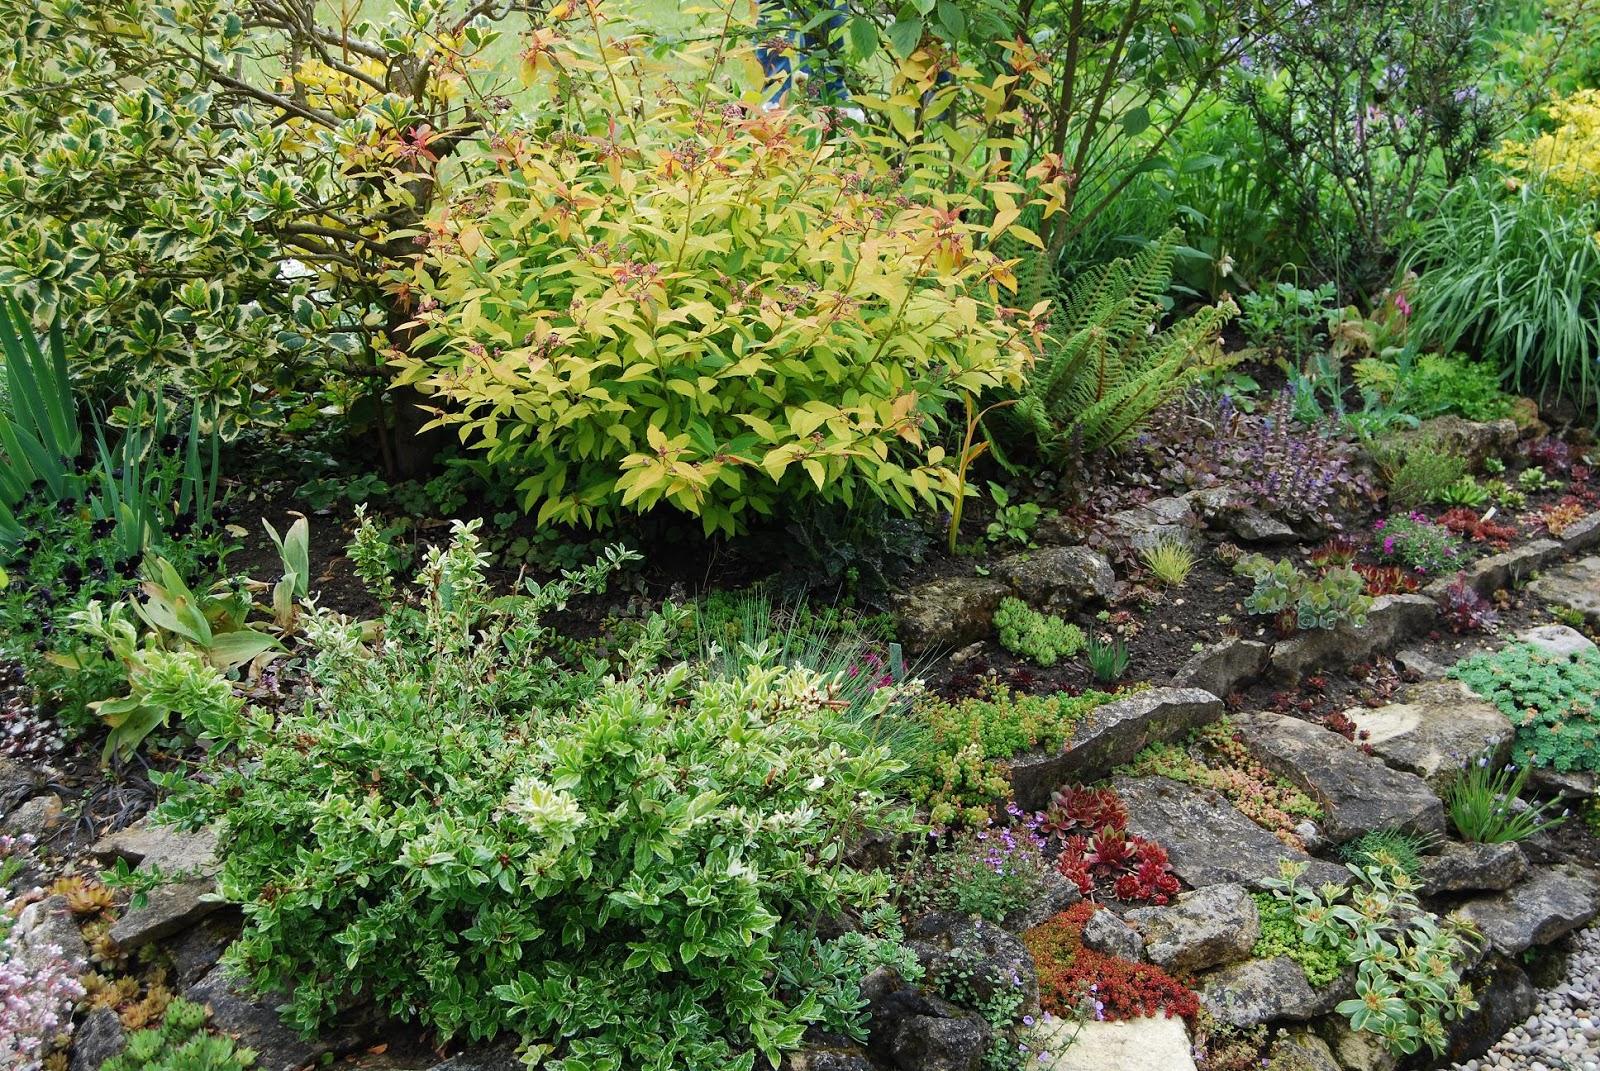 Le blog de parcs et jardins de l 39 oise le jardin d 39 annie olive rieux for Plante et jardins